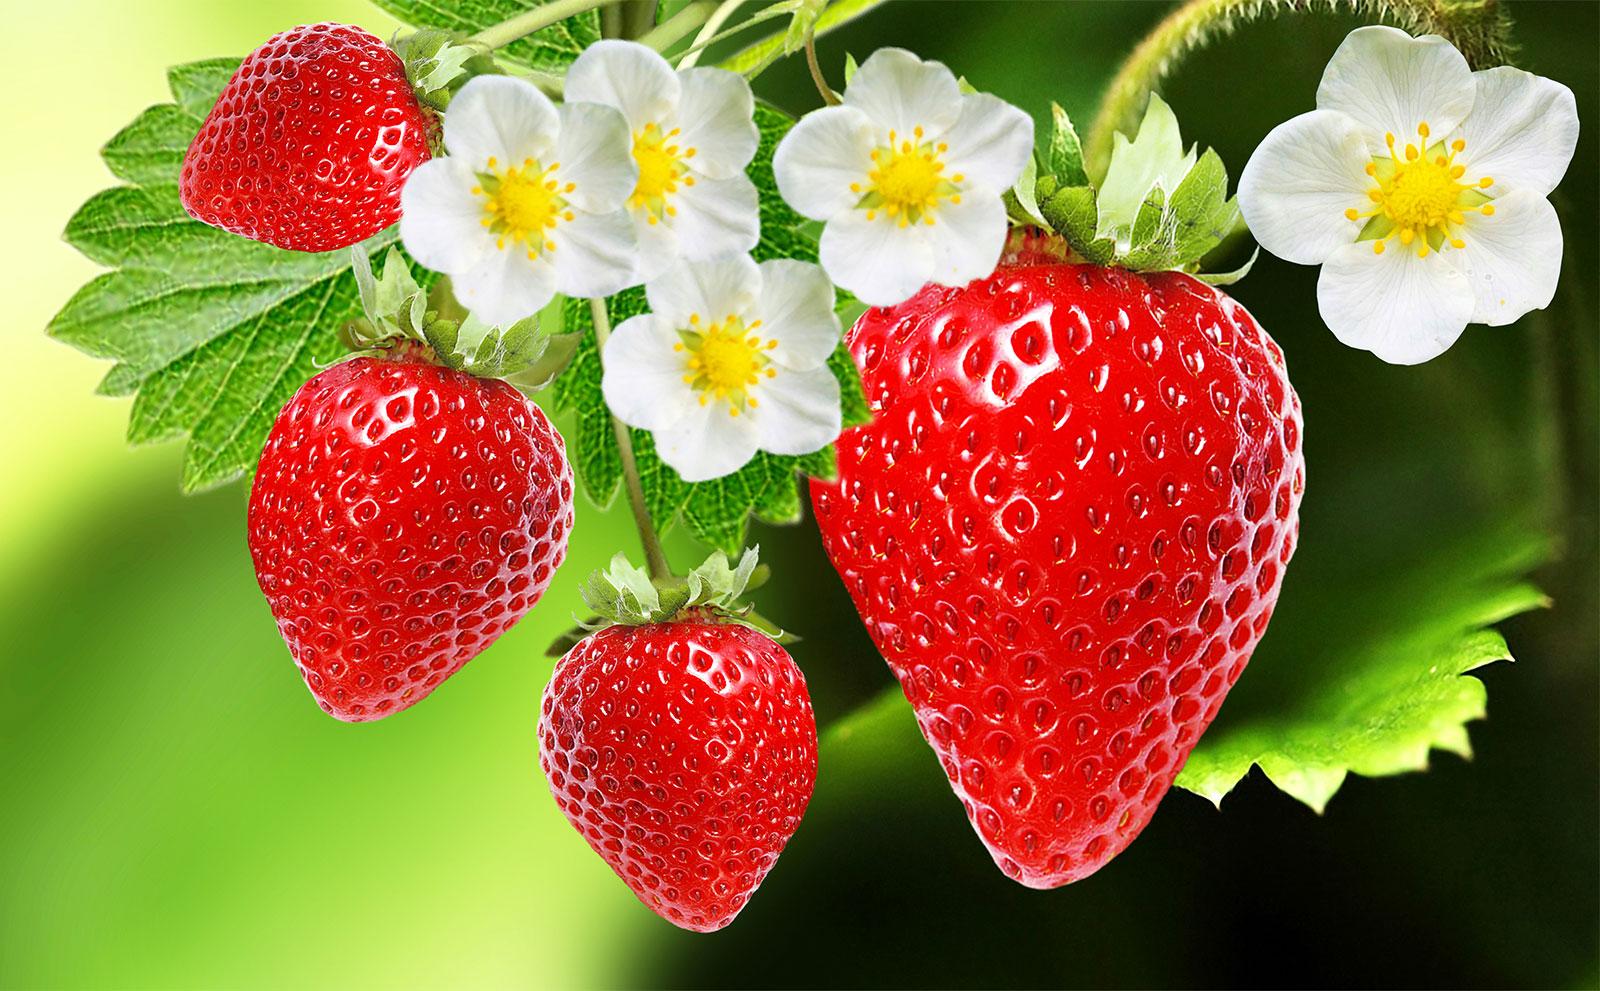 Strawberry /ˈstrɔ:bəri/: dâu tây